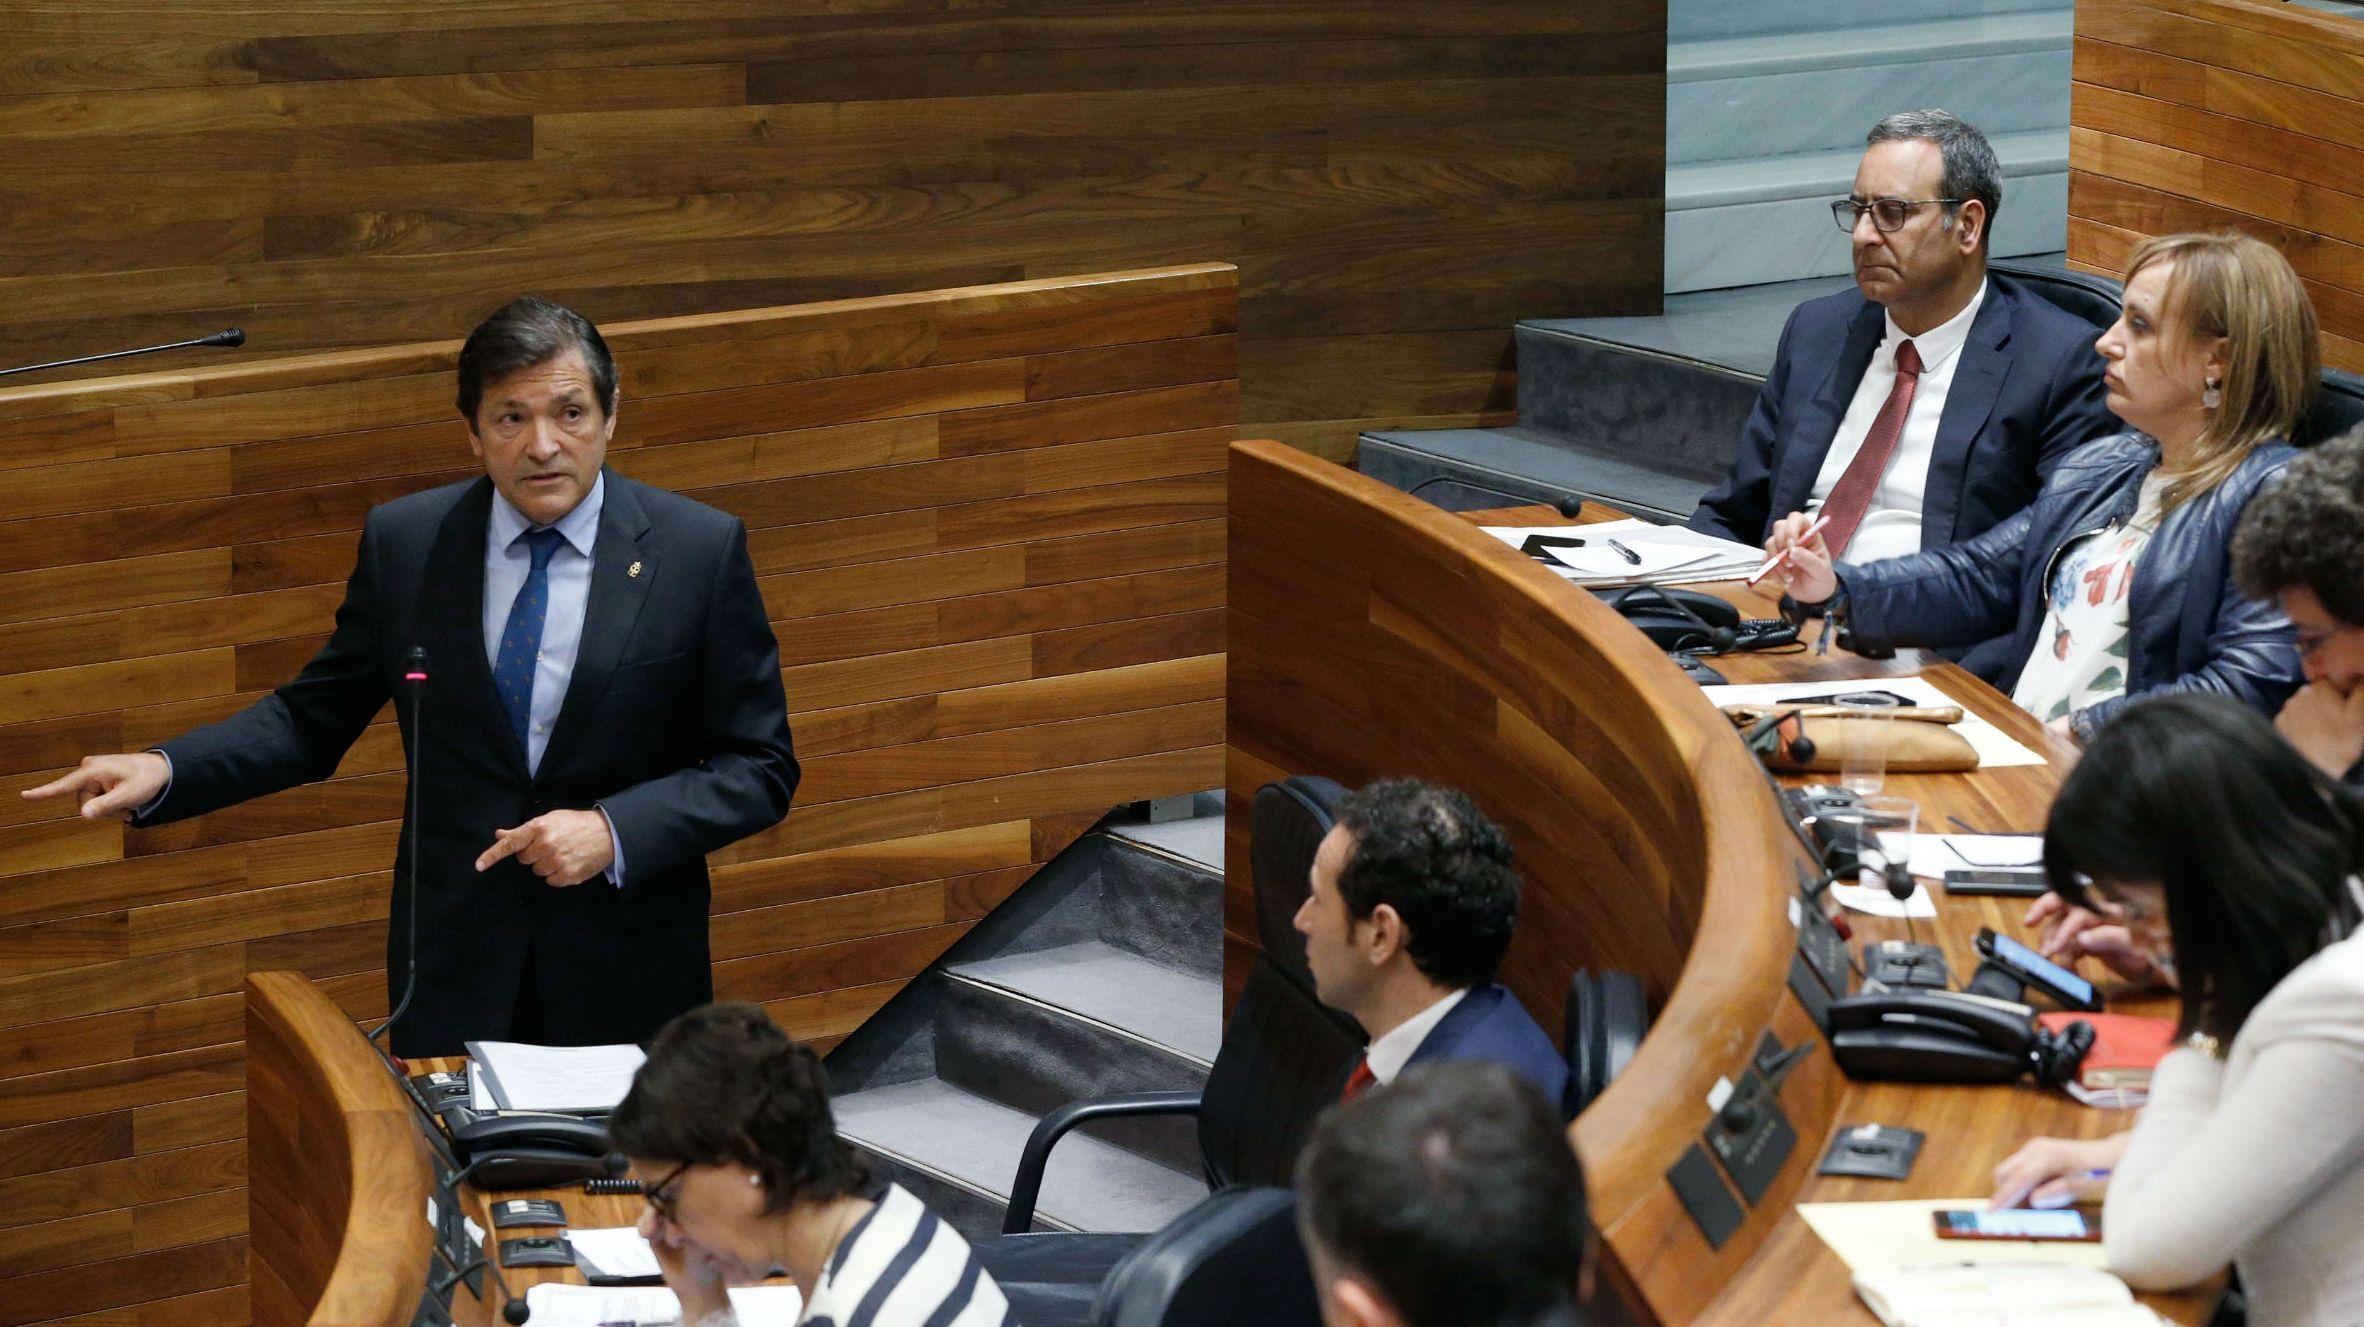 Rajoy promete «tranquilidad» y «firmeza» ante la «estafa» del referendo.Una votación en la sede de Izquierda Unida de Oviedo